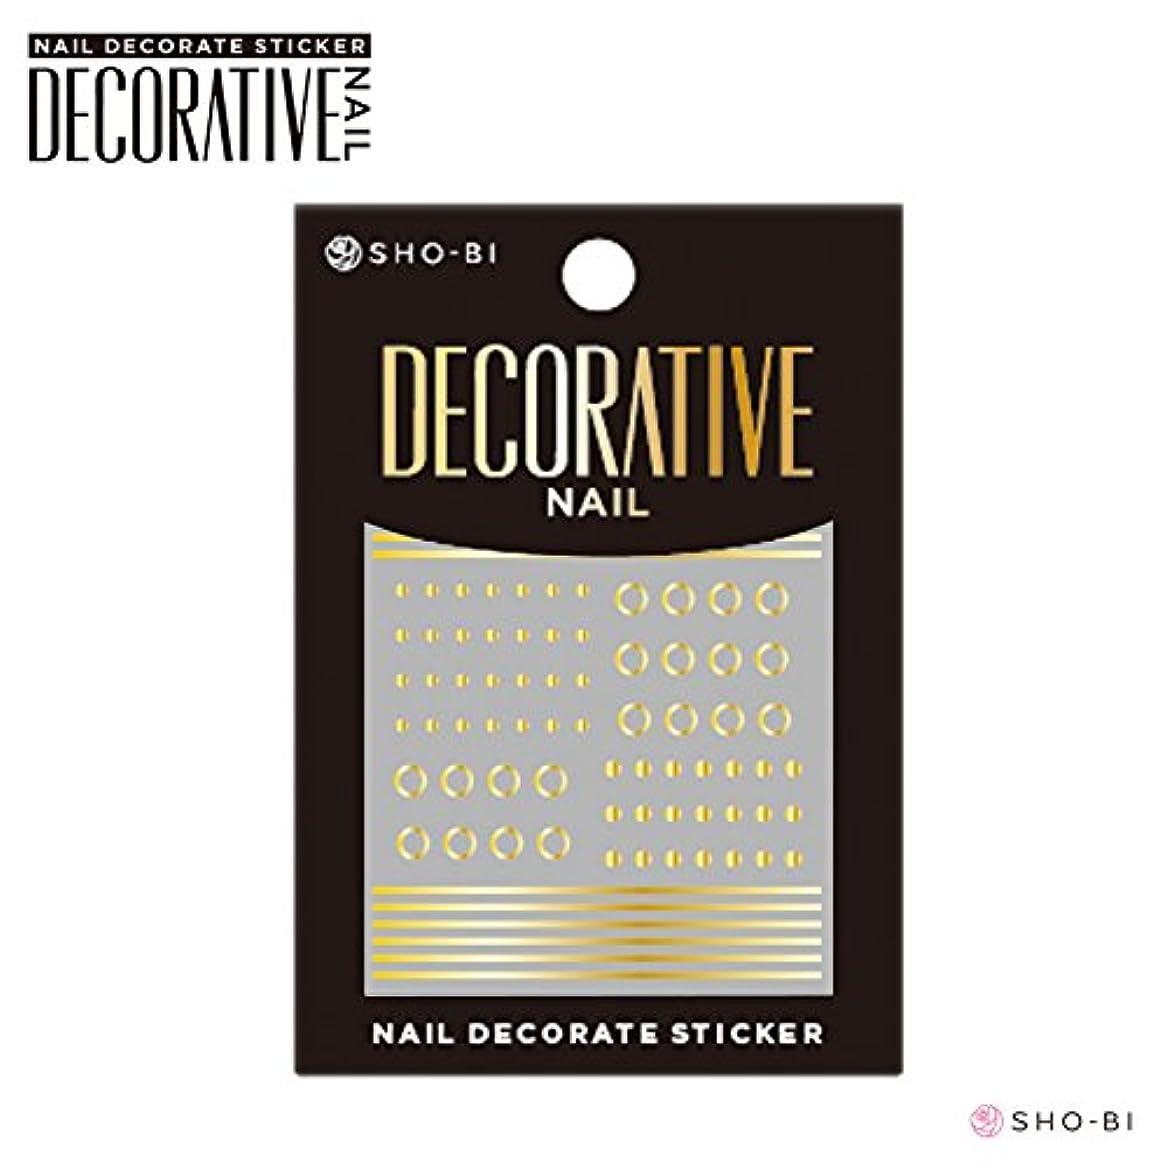 家事をするさておきオズワルドDecorative Nail デコラティブネイル9